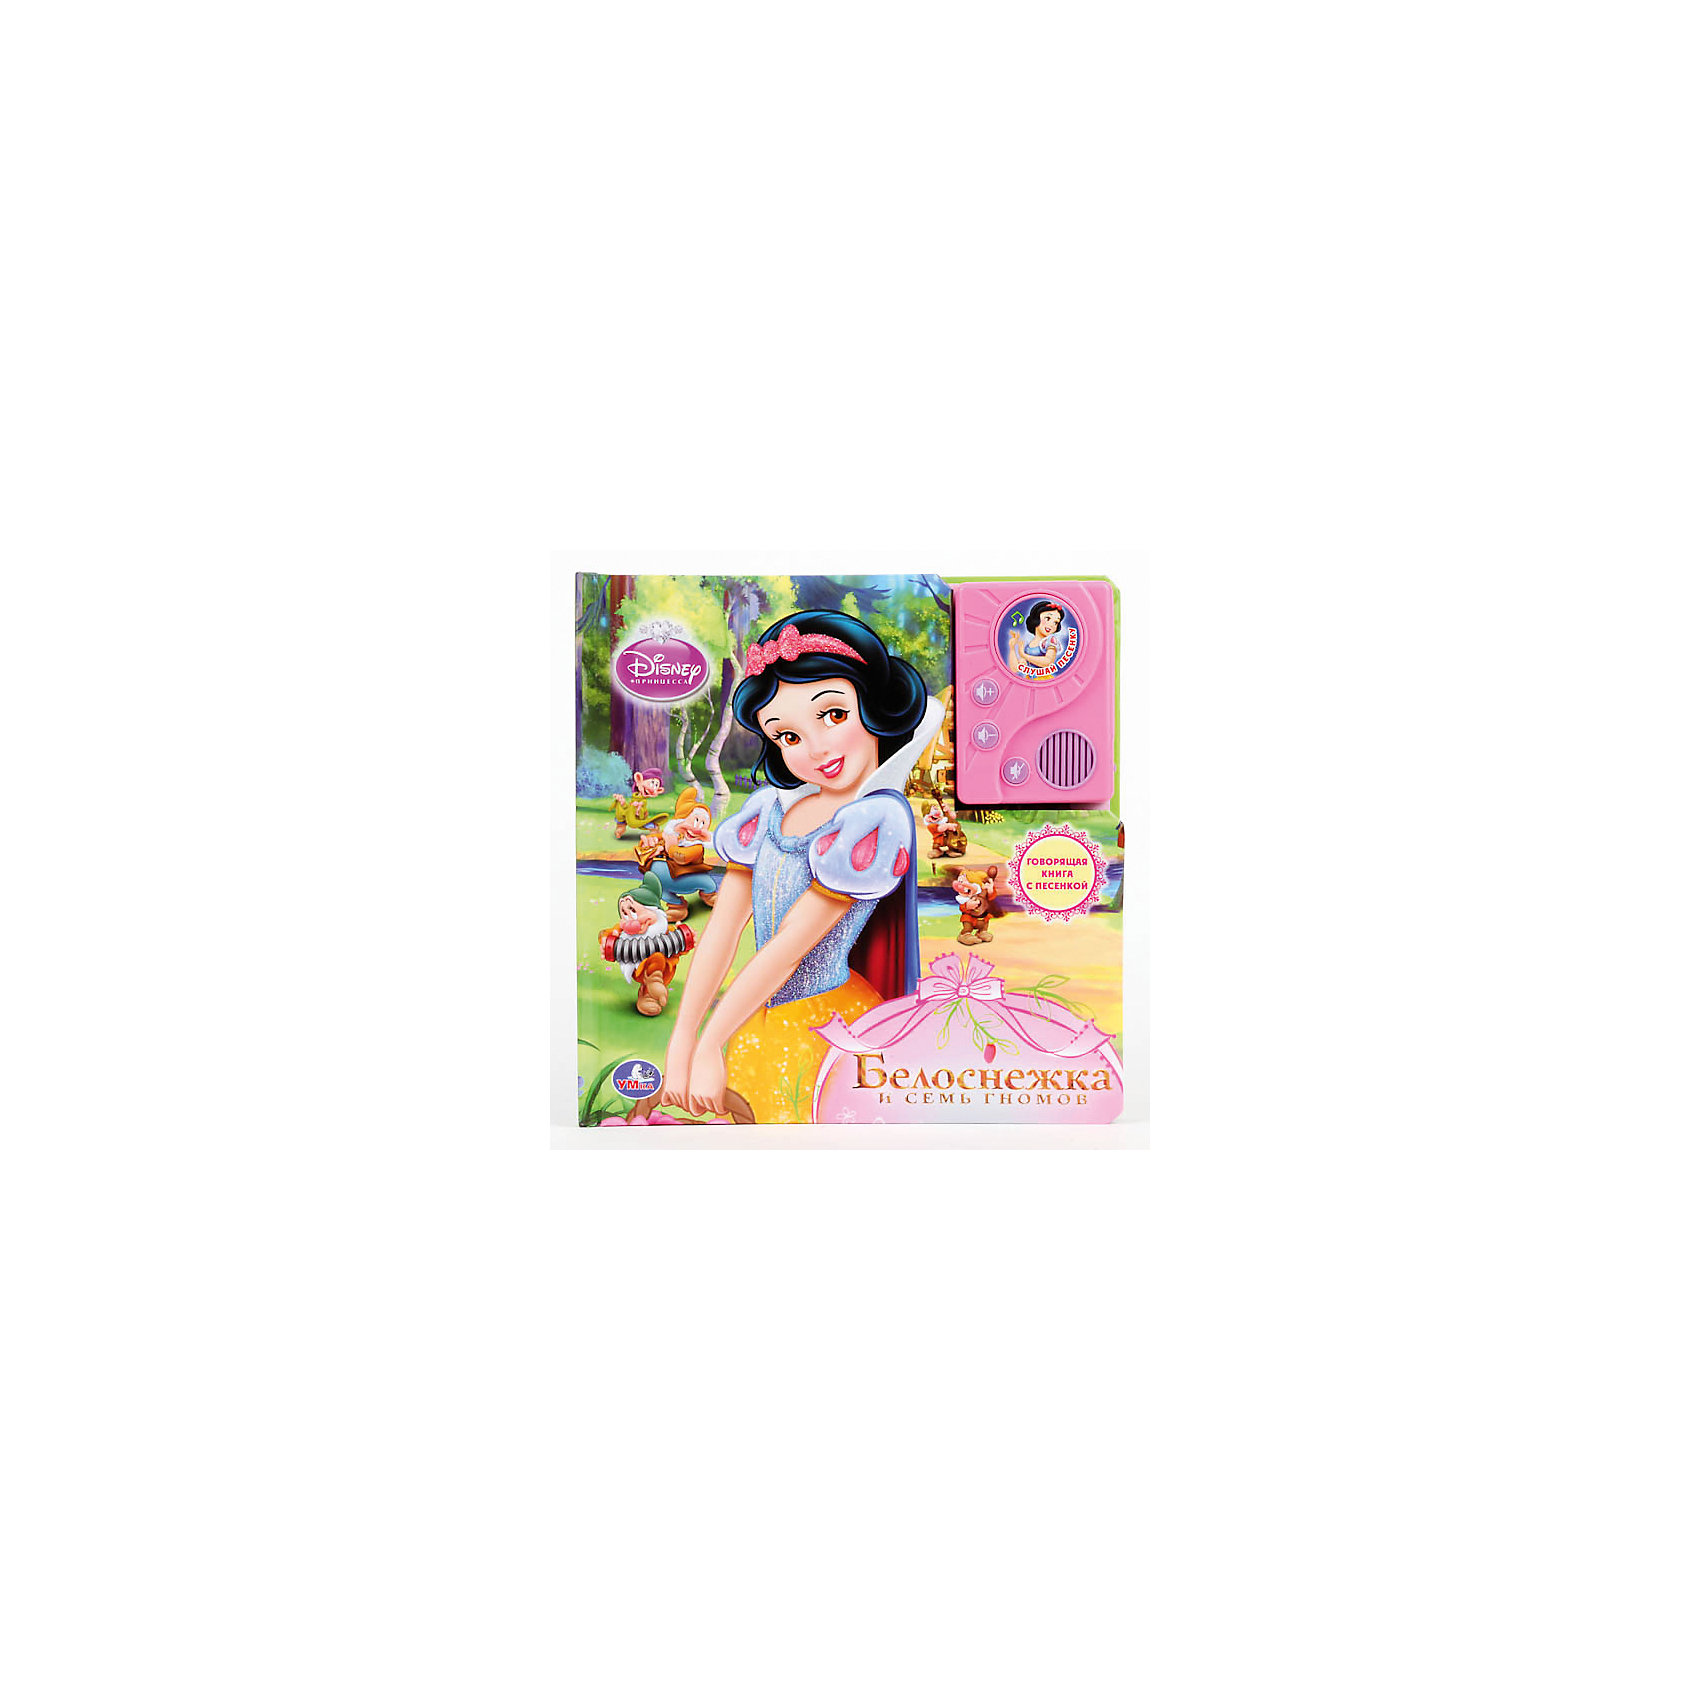 Говорящая книга с аудиосказкой Белоснежка и семь гномов, Принцессы ДиснейГоворящая книга с аудиосказкой Белоснежка и семь гномов, Принцессы Дисней – эта книга сама читает увлекательную сказку!<br>Книга Белоснежка и семь гномов создана по мотивам знаменитого одноименного мультфильма. В ней ребёнок найдёт увлекательную историю и яркие, красочные картинки, на которых герои выглядят точь-в-точь такими же, как в известном мультфильме всемирной известной кинокомпании Walt Disney. Более того, откройте книжку - и она сама расскажет историю о принцессе Белоснежке, её верных друзьях - Семи Гномах и встрече с Принцем. Звучащий текст соответствует открытой странице. Книжка озвучена профессиональным актёром, а, значит, чтение будет ничем не хуже, чем просмотр мультфильма. Если захотите прочитать сами, просто нажмите на кнопку отключения звука. А если наскучит читать, можно нажать на кнопочку и услышать, как поет Белоснежка! Такая великолепная книжка отлично развивает зрительное и слуховое восприятие, тренирует внимательность, сосредоточенность, усидчивость.<br><br>Дополнительная информация:<br><br>- Редактор-составитель: Сябровская М.<br>- Текст песни Юлии Шигаровой, музыка Григория Ландмана<br>- Текст озвучил Александр Ноткин<br>- Издательство: Умка<br>- Переплет: твердый<br>- Оформление: с пухлой обложкой<br>- Иллюстрации: цветные<br>- Количество страниц: 14 (картон)<br>- На батарейках: входят в комплект<br>- Размер: 220х220х30 мм.<br>- Вес: 610 гр.<br><br>Говорящую книгу с аудиосказкой Белоснежка и семь гномов, Принцессы Дисней можно купить в нашем интернет-магазине.<br><br>Ширина мм: 220<br>Глубина мм: 220<br>Высота мм: 30<br>Вес г: 610<br>Возраст от месяцев: 36<br>Возраст до месяцев: 2147483647<br>Пол: Женский<br>Возраст: Детский<br>SKU: 4579000